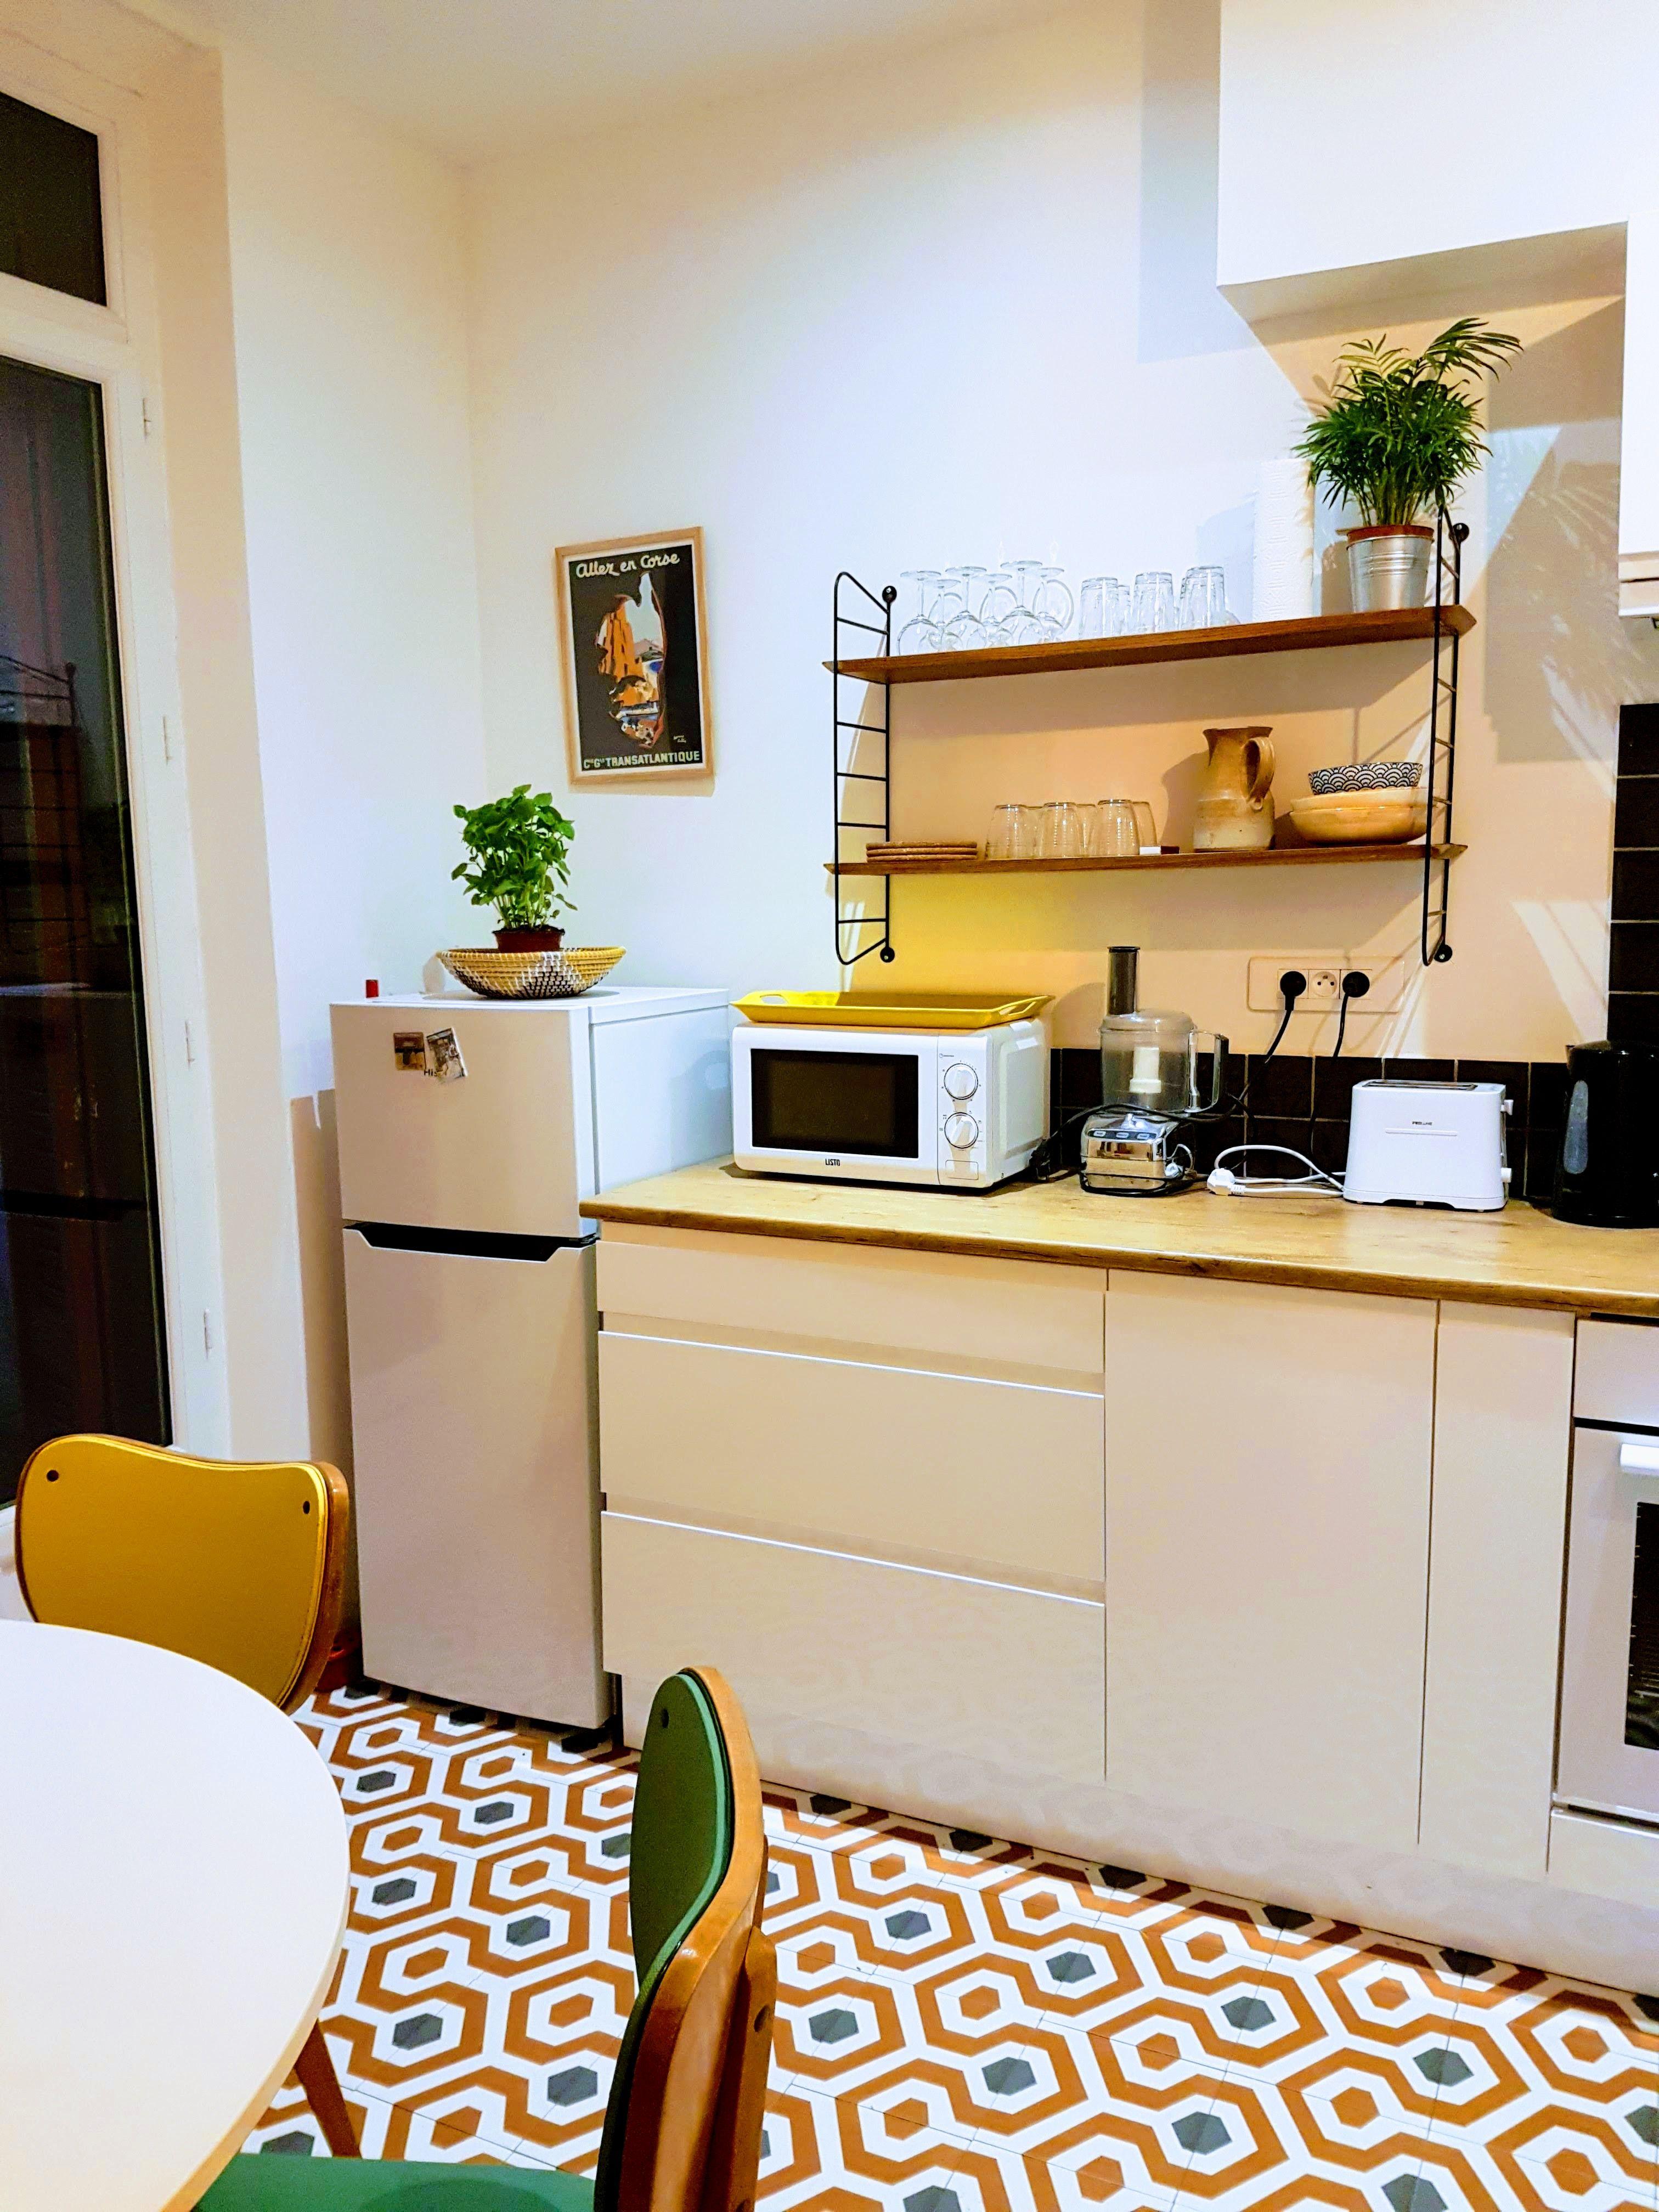 Cuisine Brico Depot Mezzo Etagere Et Chaise 1960 Mon Grenier Cuisine Brico Depot Amenagement Maison Amenagement Appartement